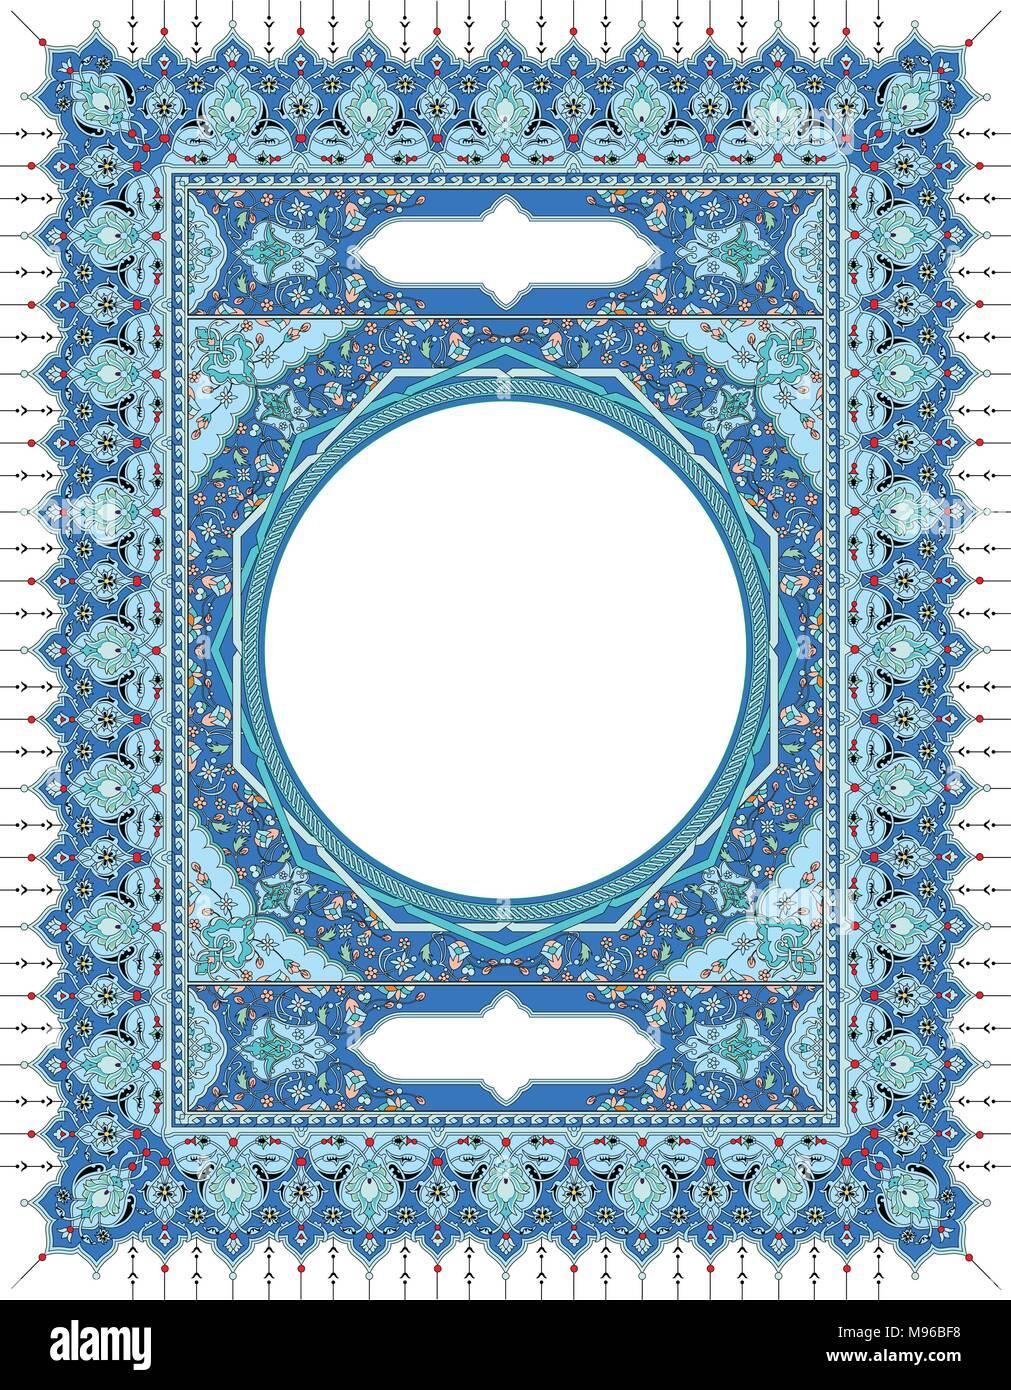 Bingkai Yasin Vector : bingkai, yasin, vector, Islamic, Frame, Inside, Prayer, Cover, Stock, Vector, Image, Alamy